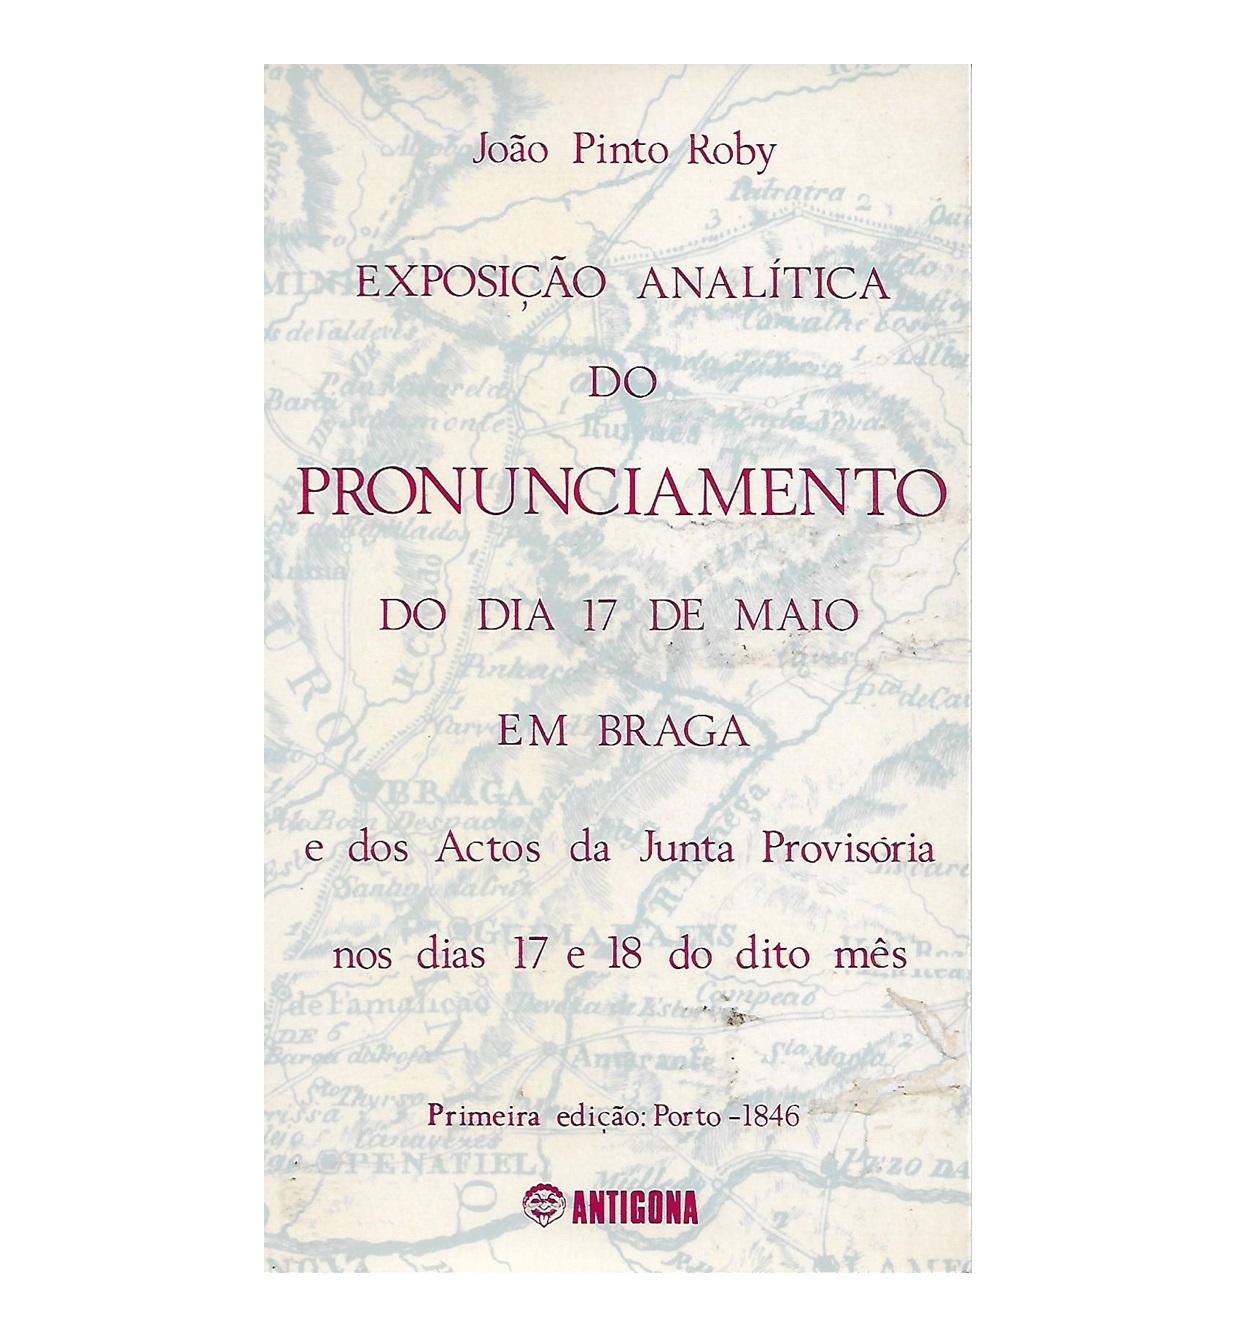 Exposição Analítica do Pronunciamento do dia 17 de Maio [1846] em Braga